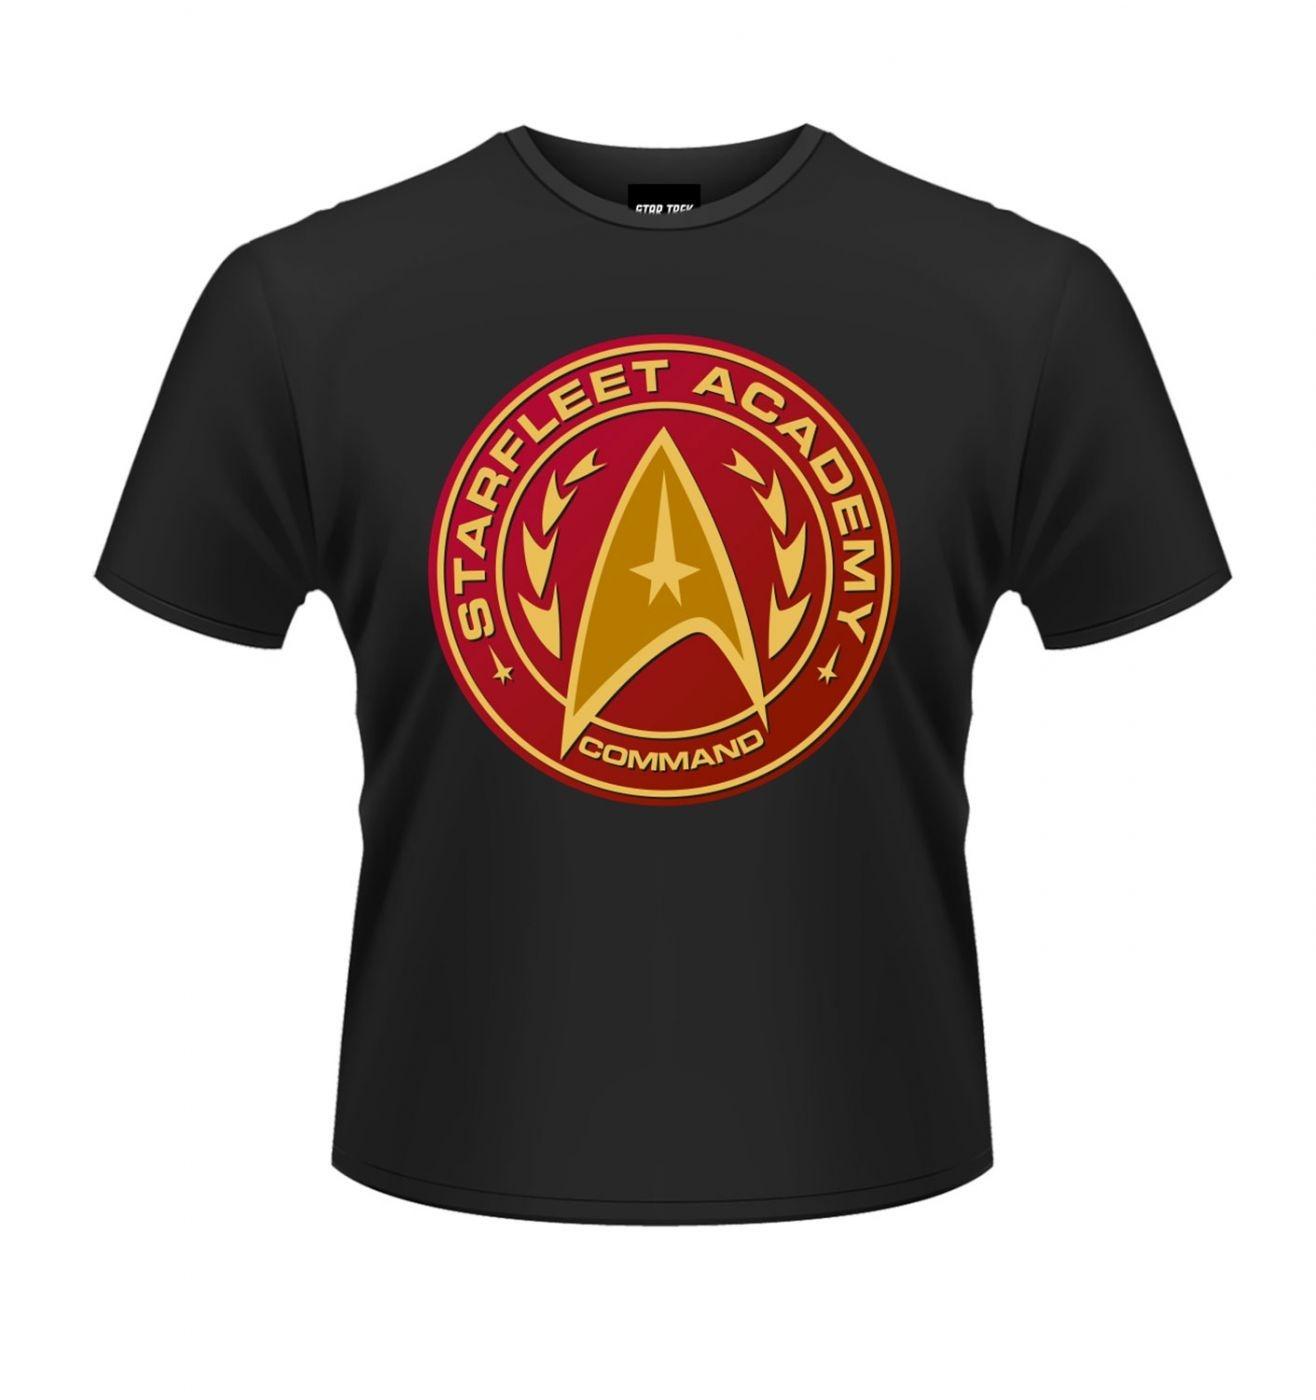 Star Trek Starfleet Academy Command t-shirt